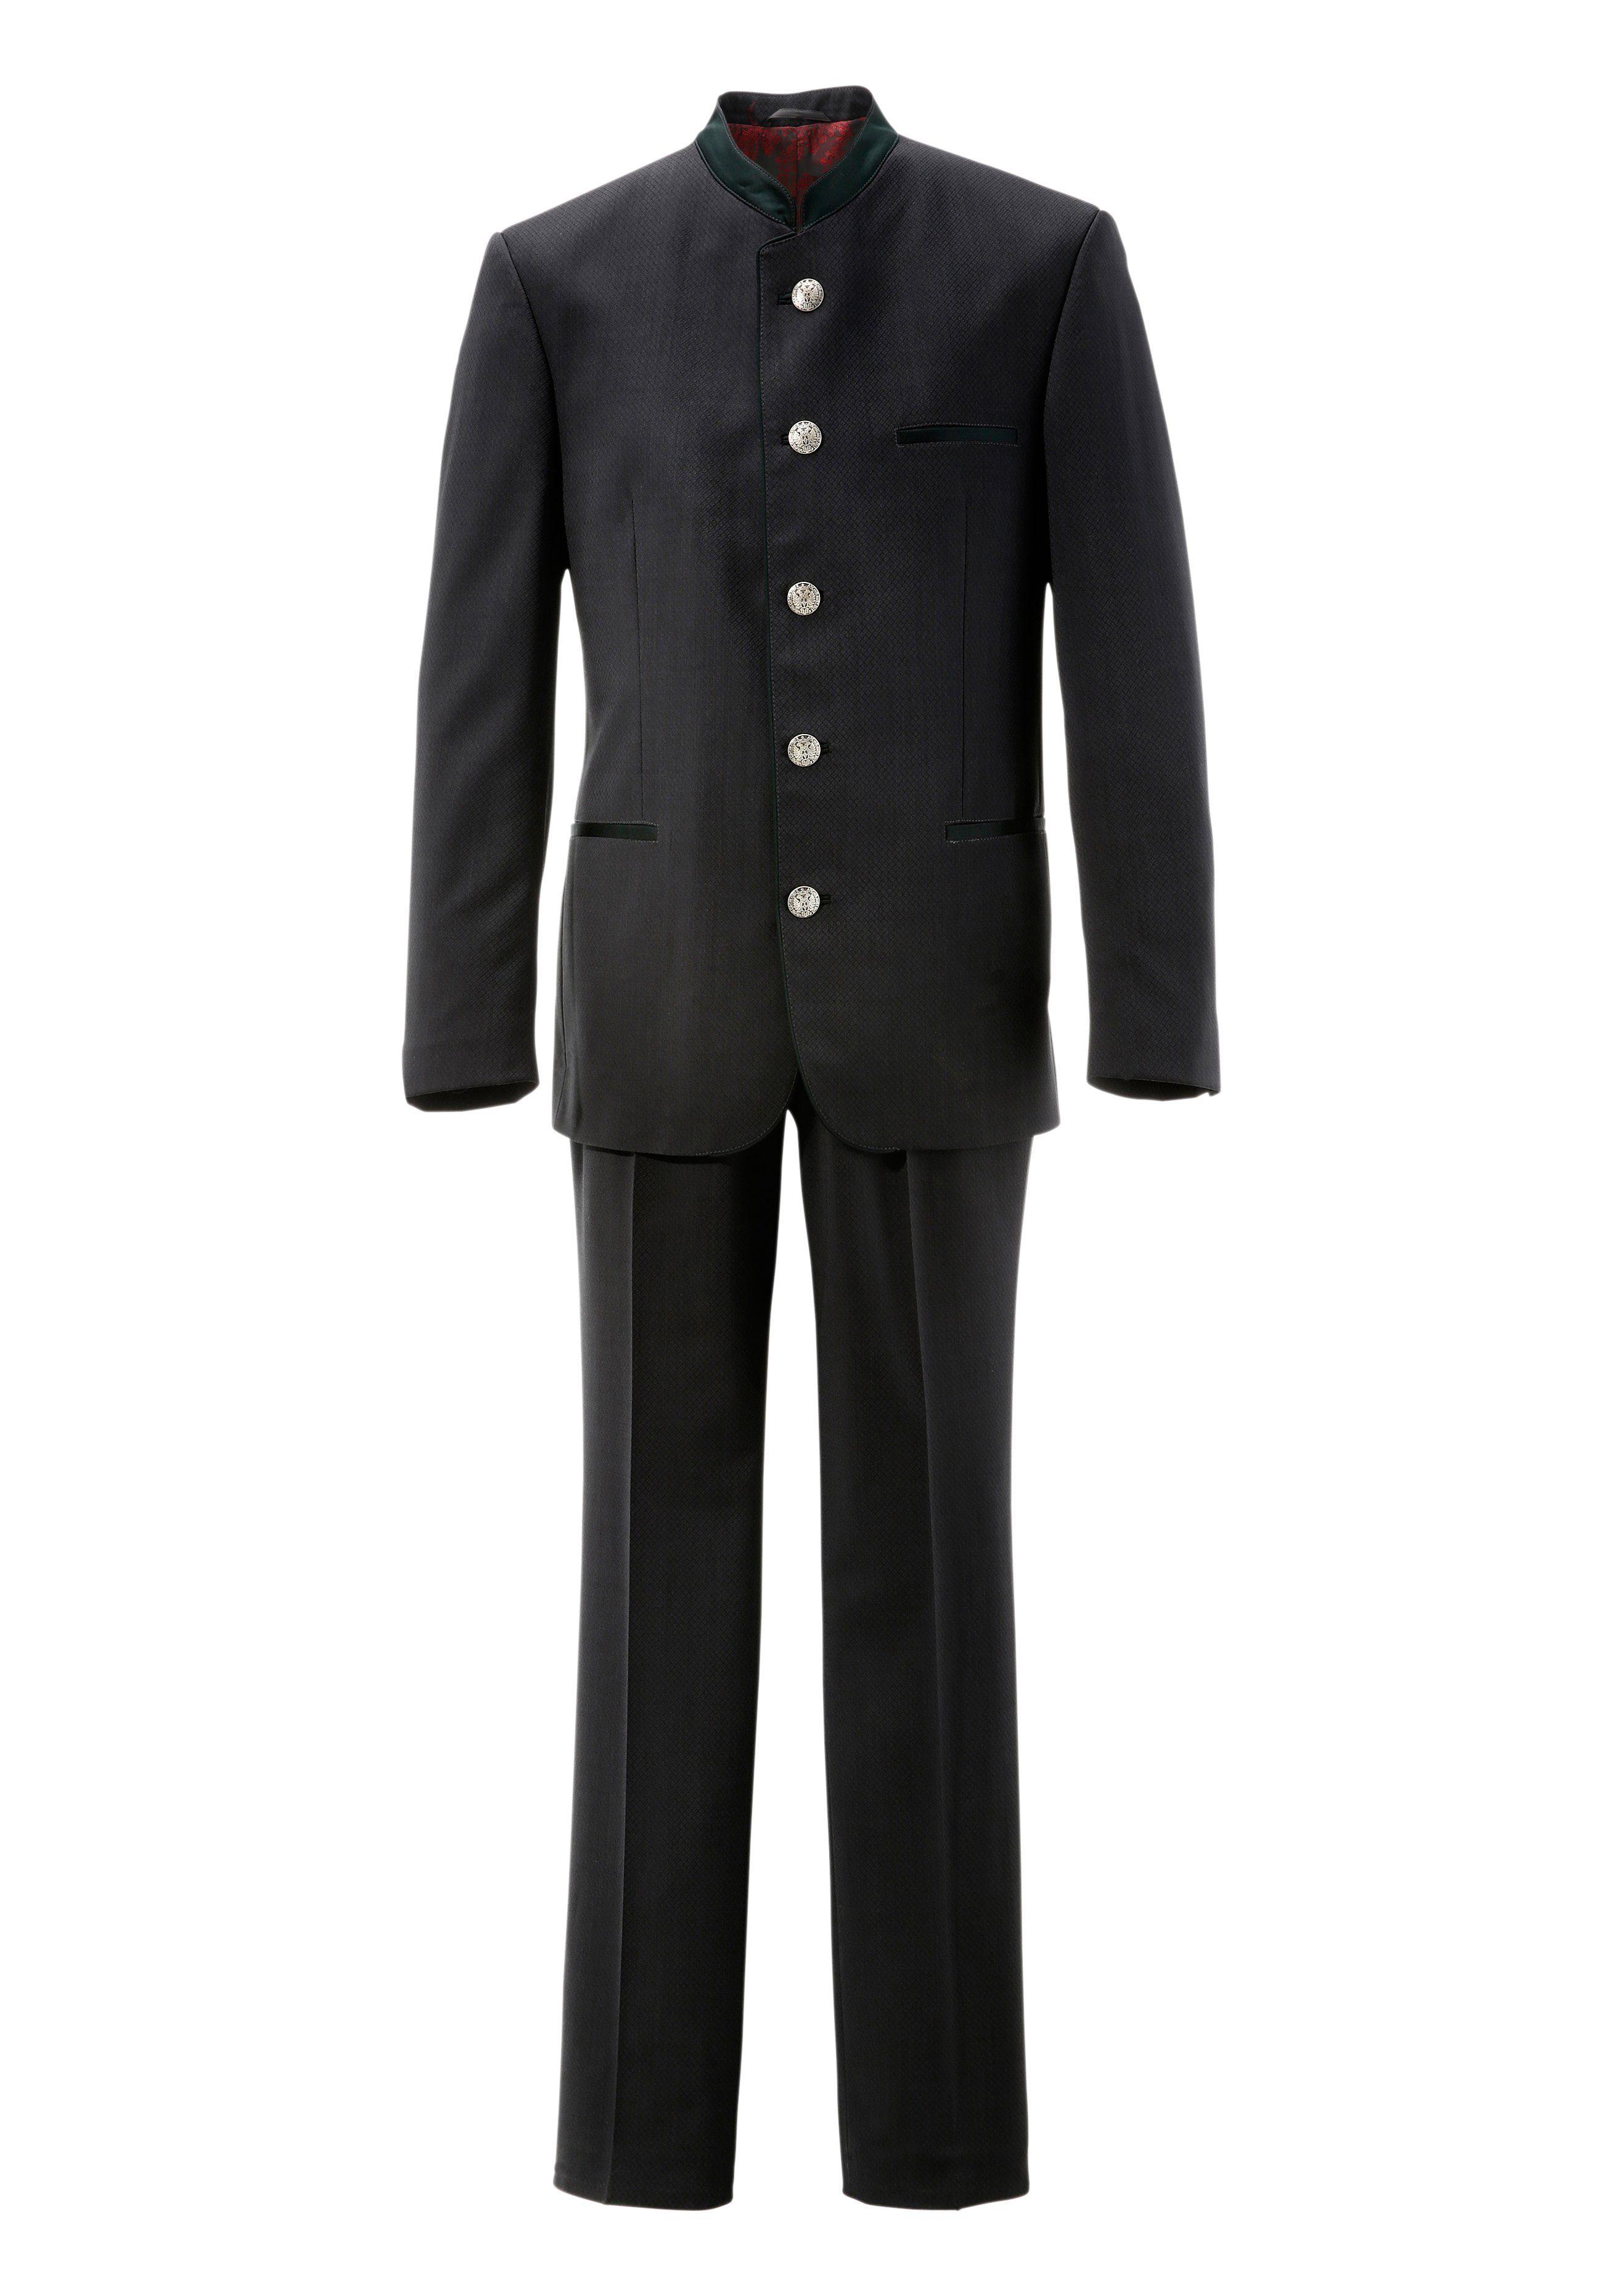 Murk Trachtenanzug mit Stehkragen   Bekleidung > Hosen > Trachtenhosen   Grau   Murk